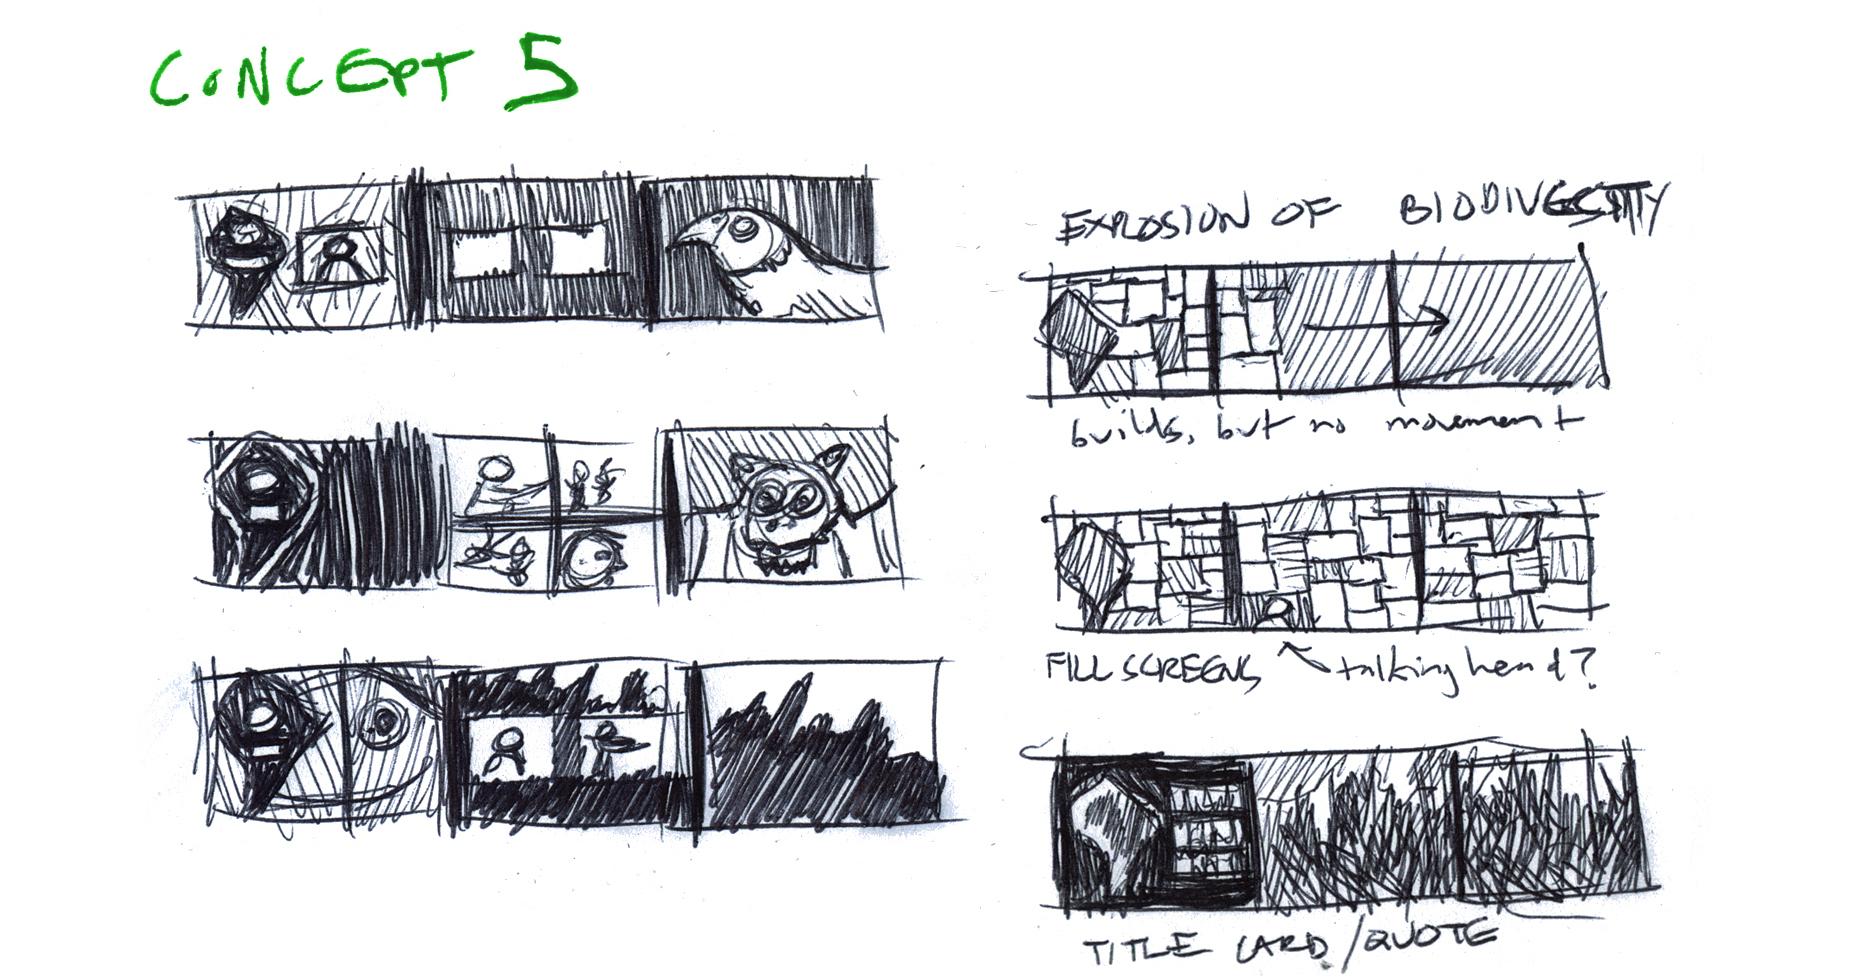 RItheater_conceptSketches5.jpg